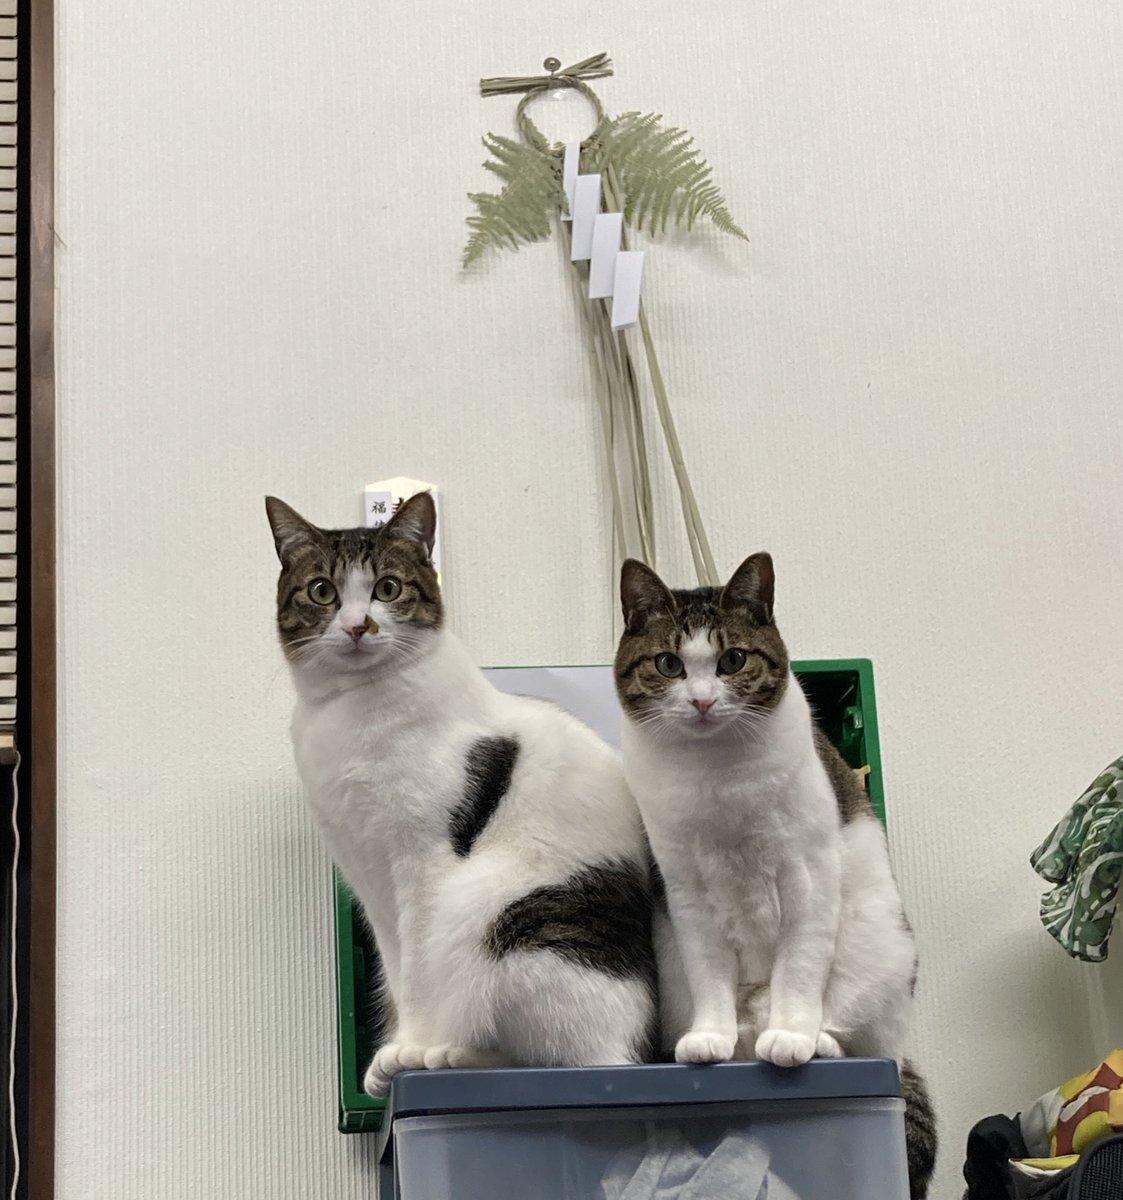 条件 引き取り 保健所 猫 猫を保健所から引き取りたい?特徴や注意点から購入との違いを解説!